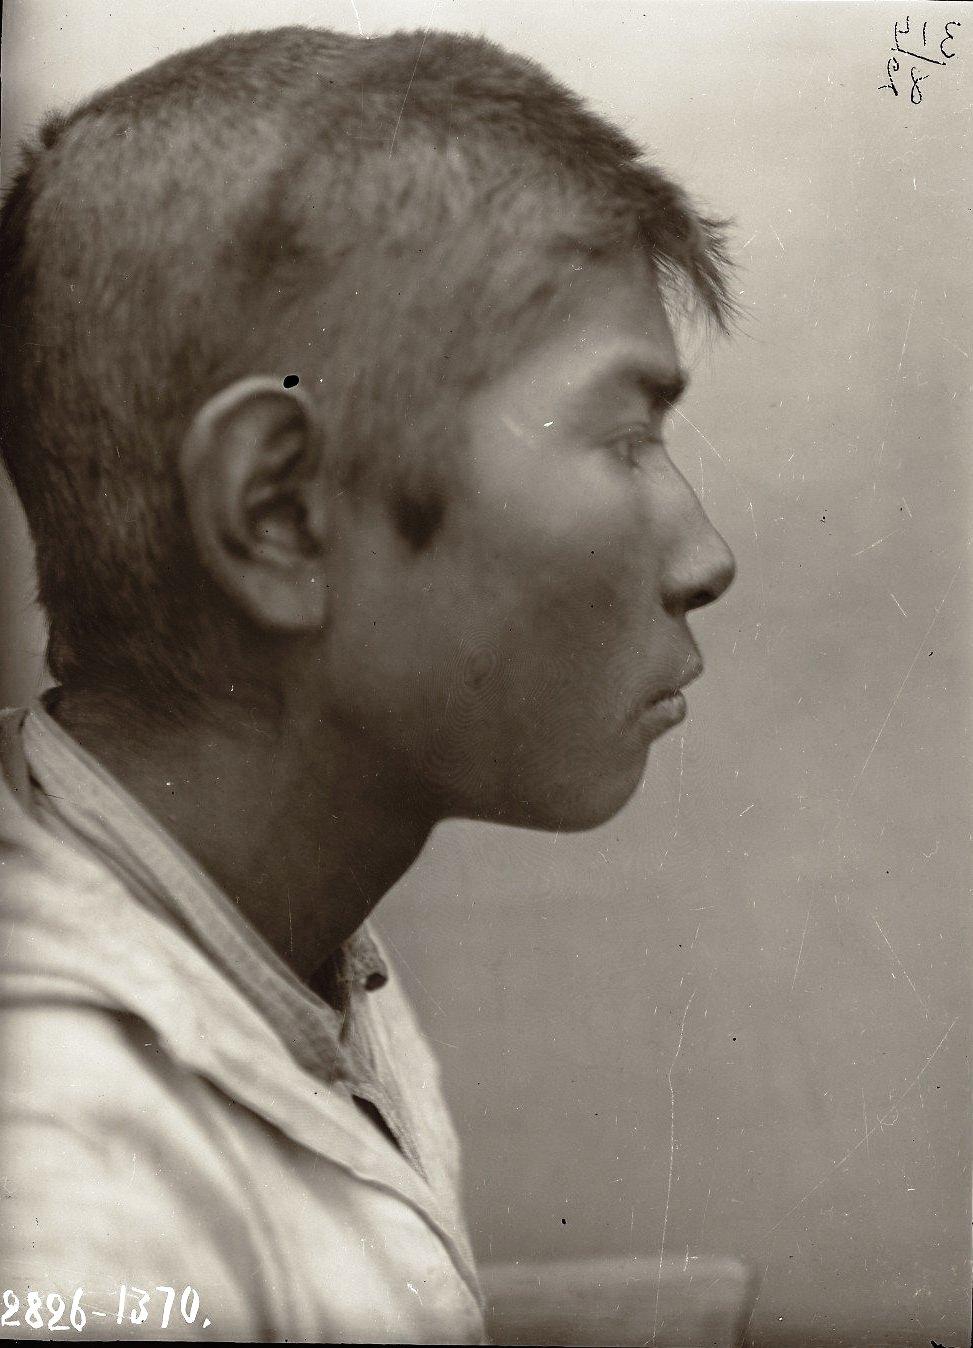 1909. Июнь - июль. Егор Кауров (профиль). Атту остров